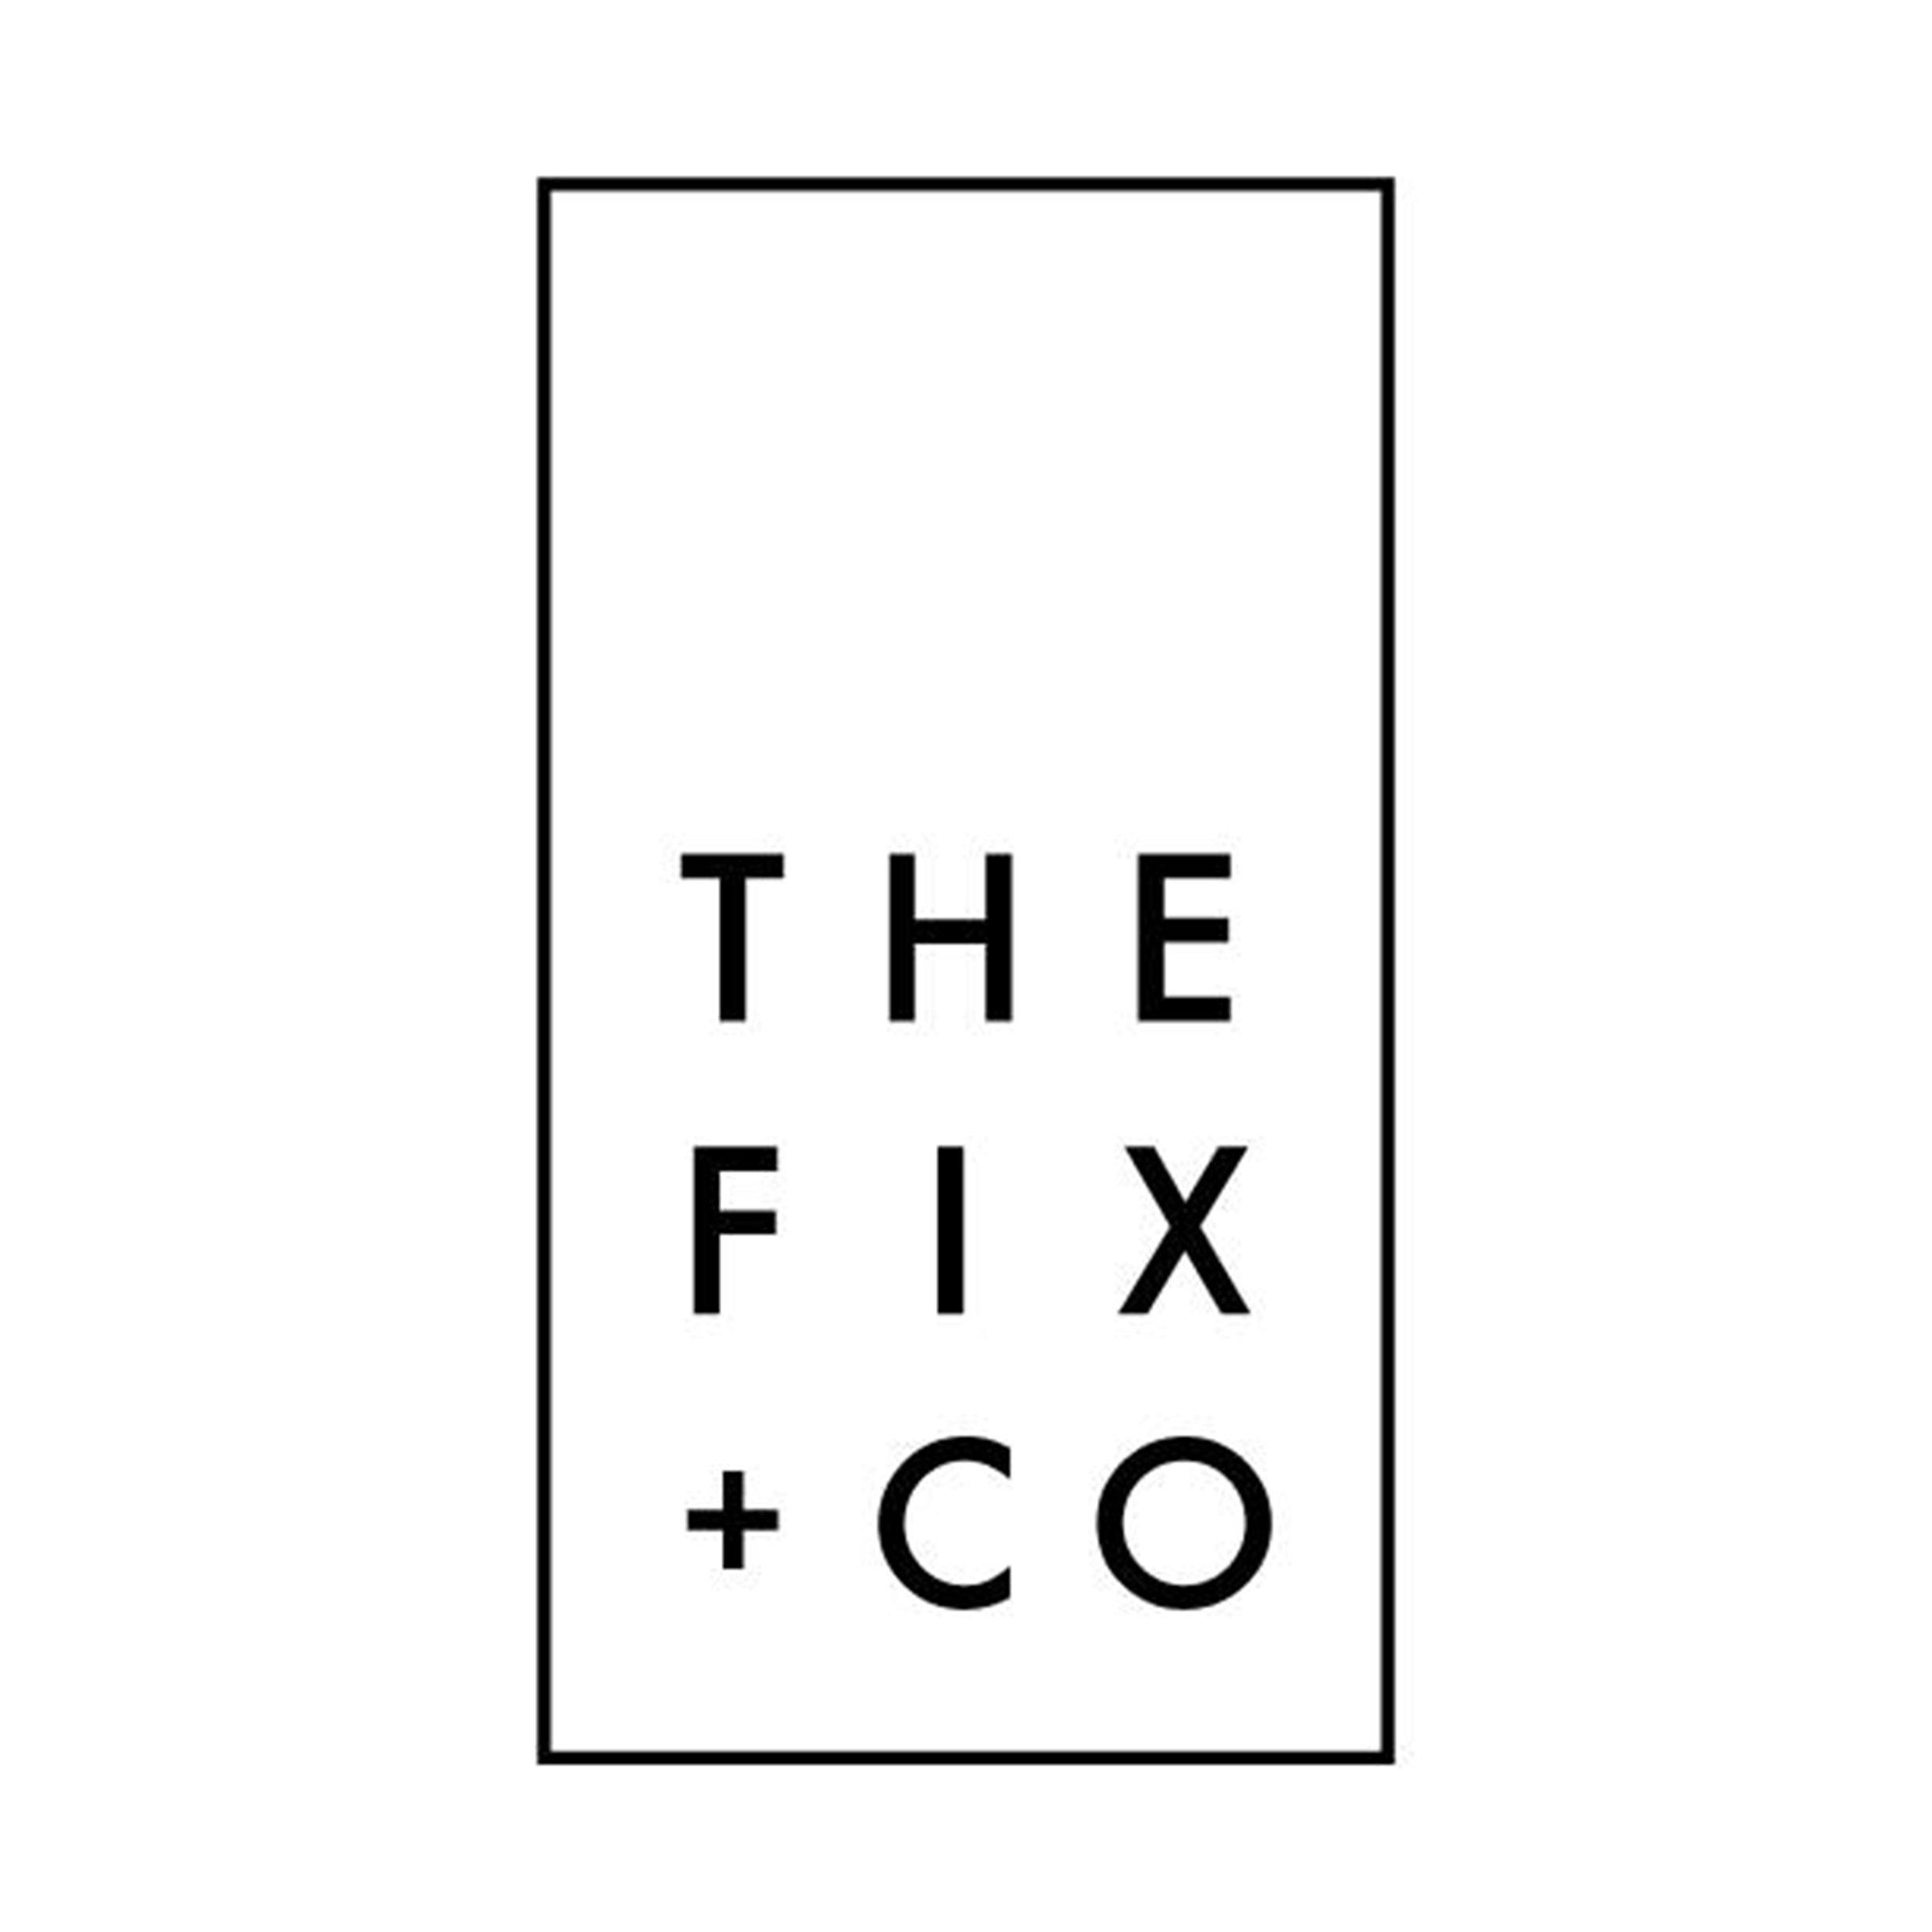 TheFixCo.jpg